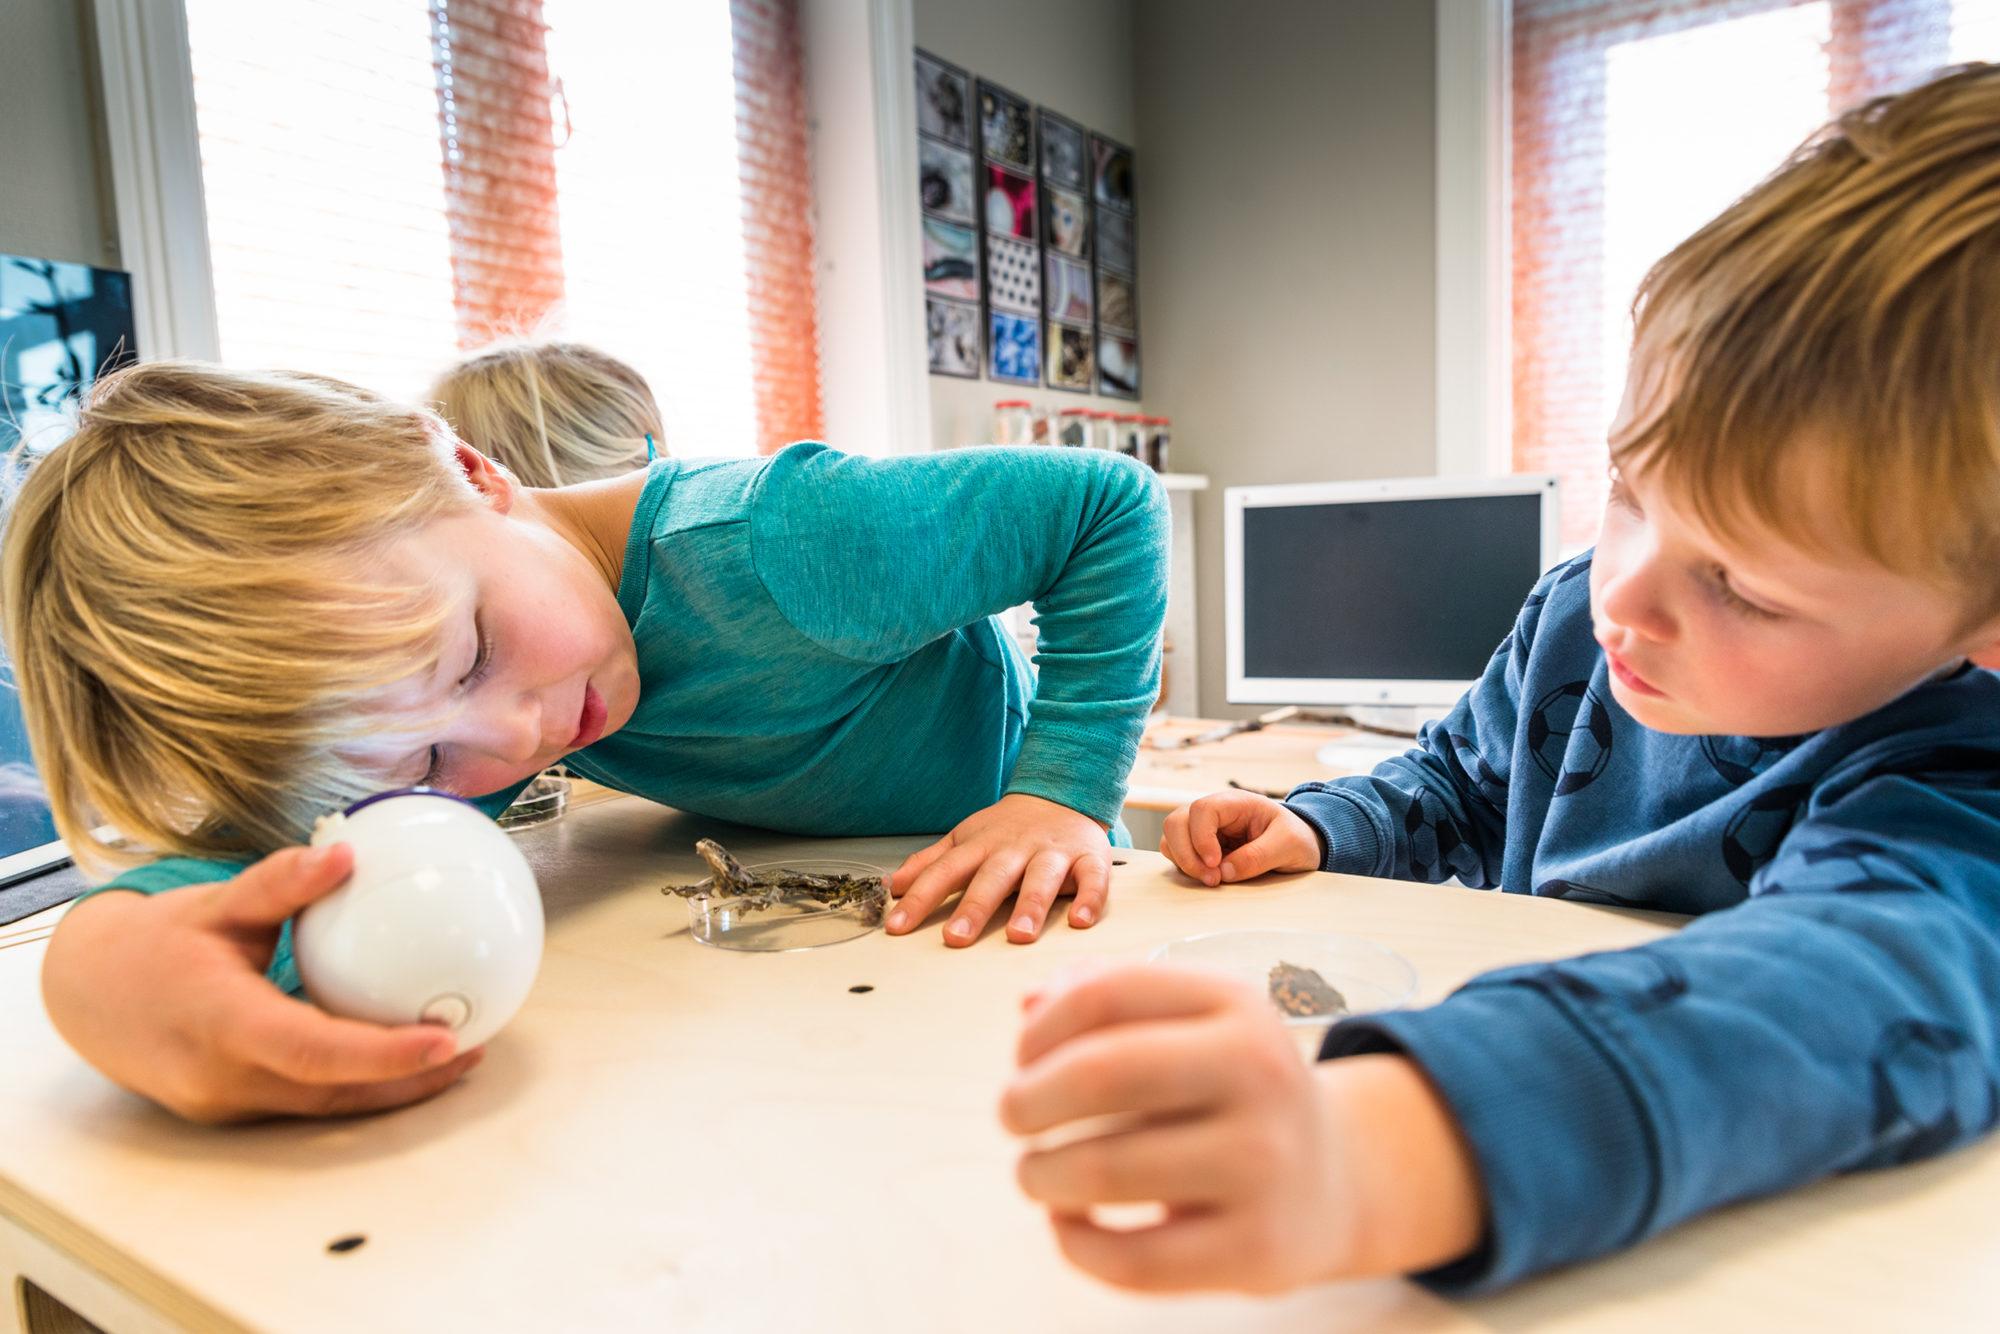 Barnehagebarn utforsker ved hjelp av digitalt mikroskop